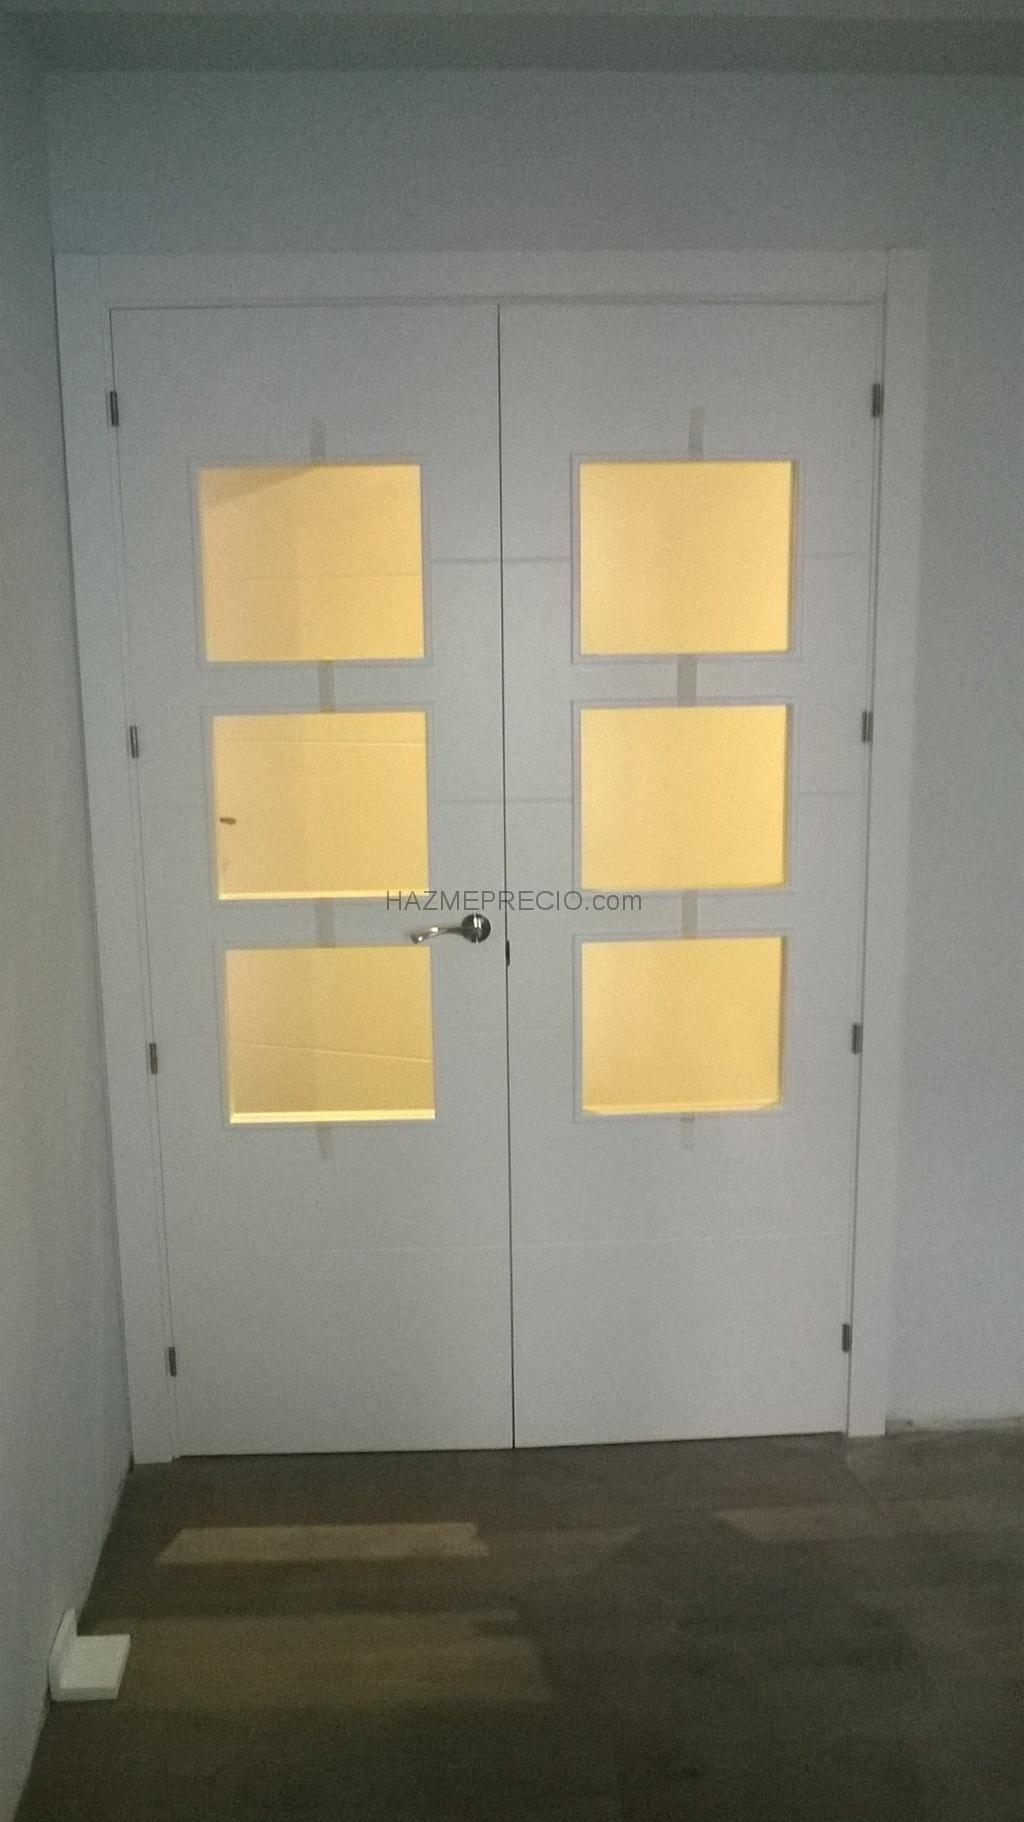 Puertas y armarios a medida 28823 madrid madrid for Precio instalacion puertas interior